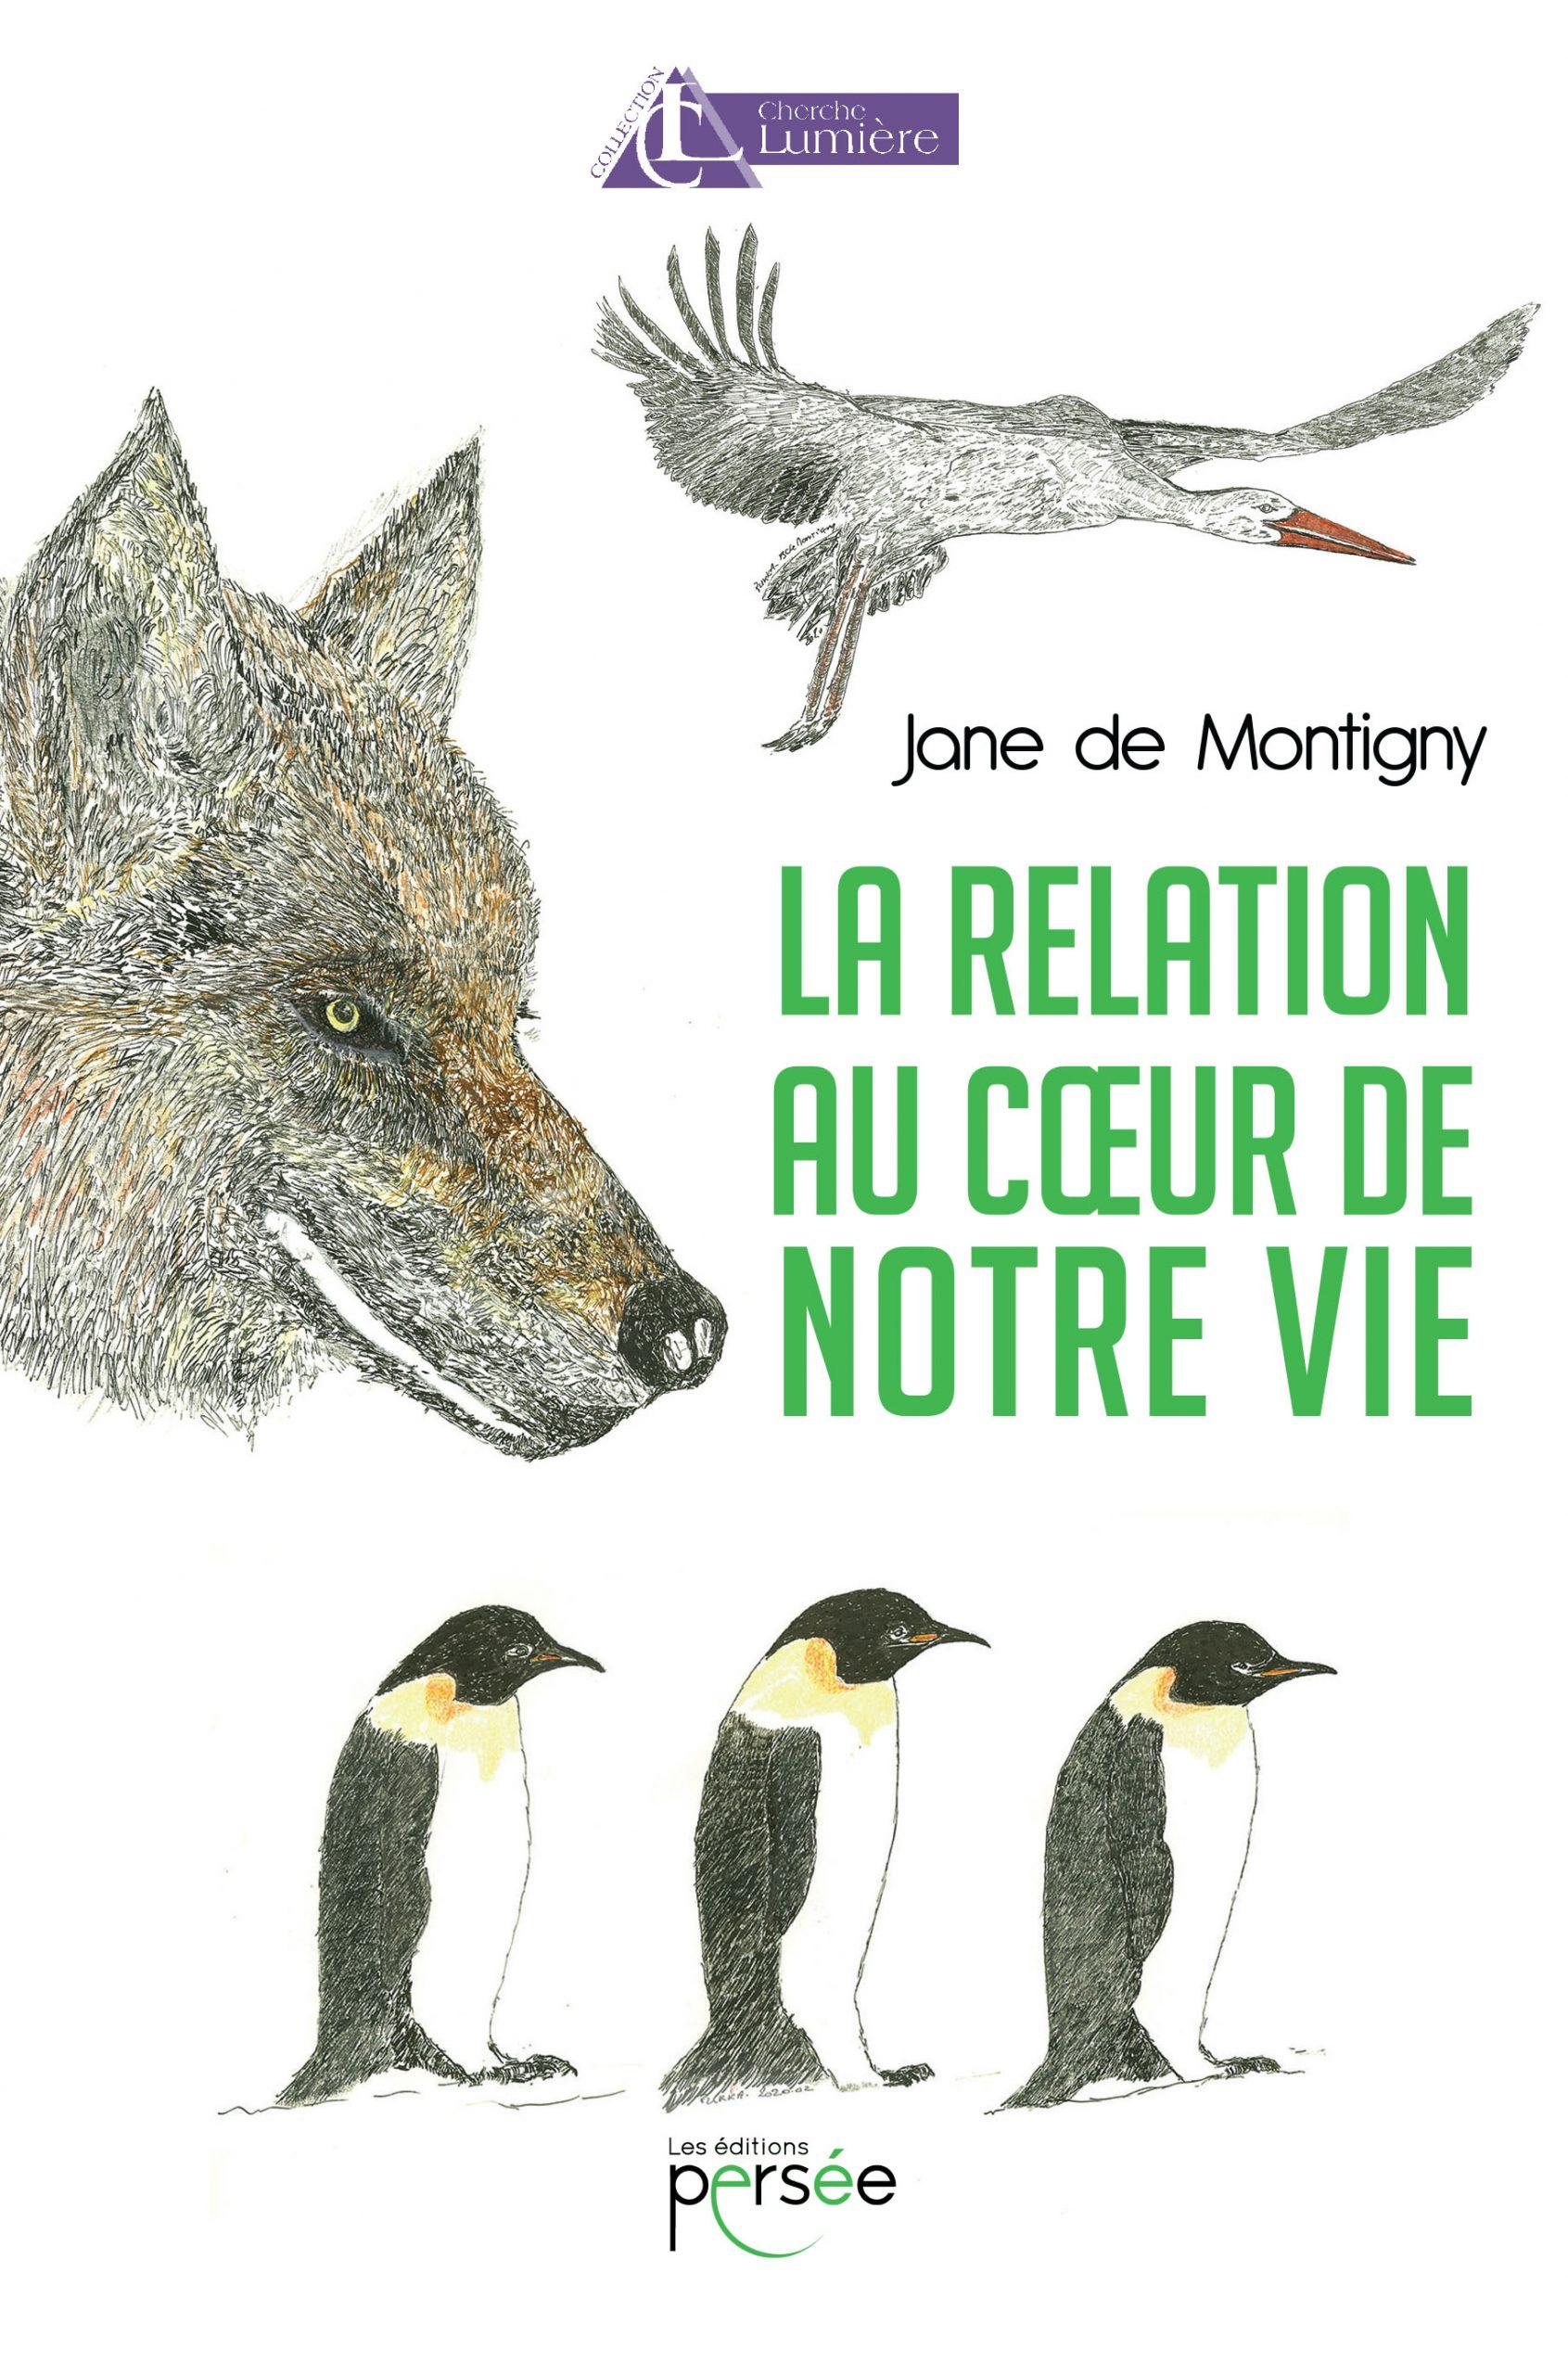 Retrouvez bientôt en librairie, le livre de Jane de Montigny, «  La relation au cœur de notre vie » avec le Dialogue intérieur. Editions Persée.